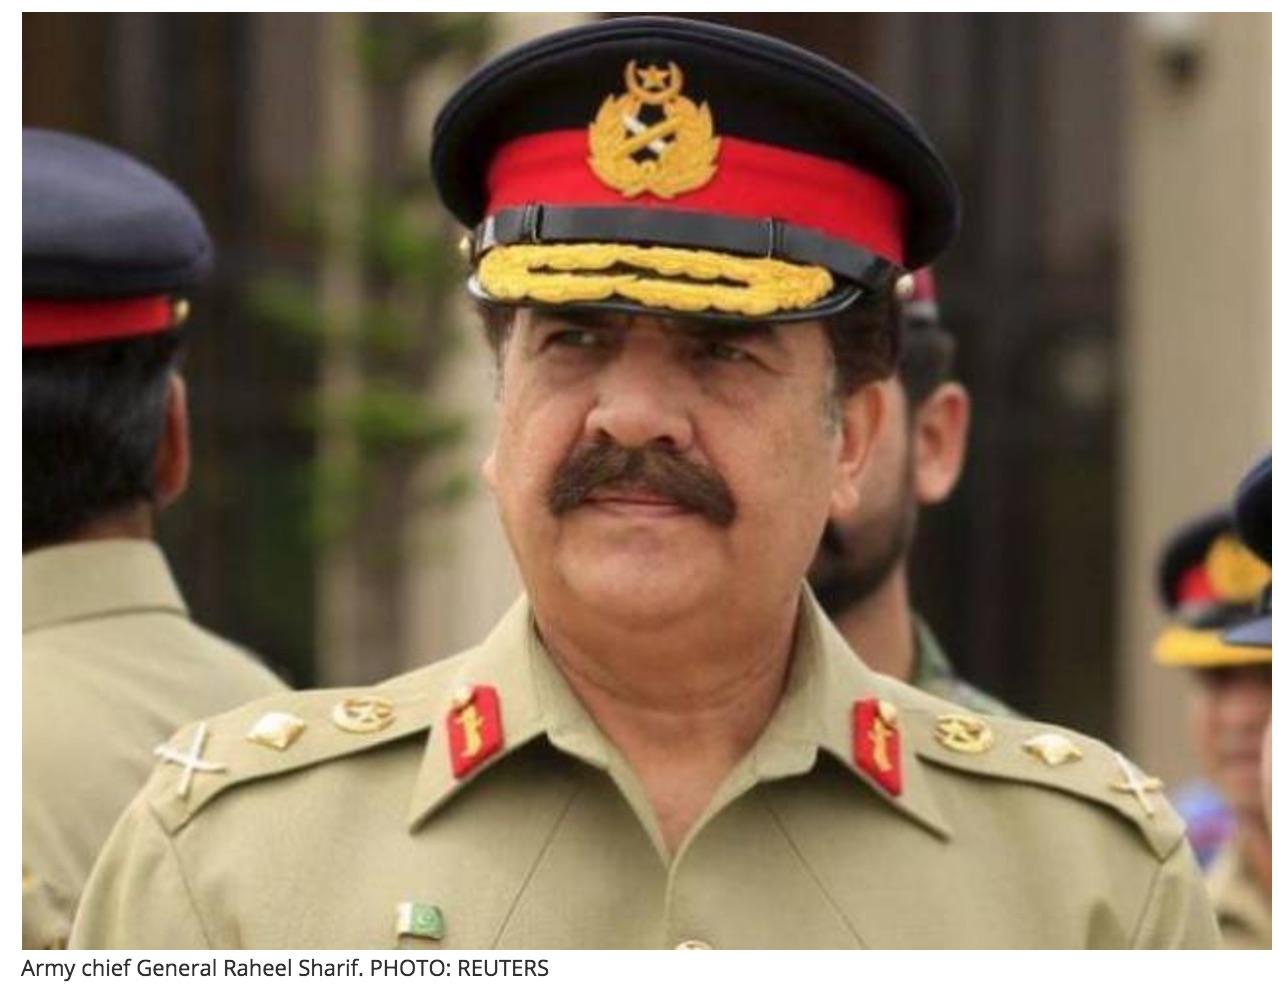 Raheel Sharif, chef des armées, avait amplifié le pouvoir des militaires en l'étedant sur certains postes clés du gouvernement civil. Copie d'écran de Tribune, le 28 septembre 2016.